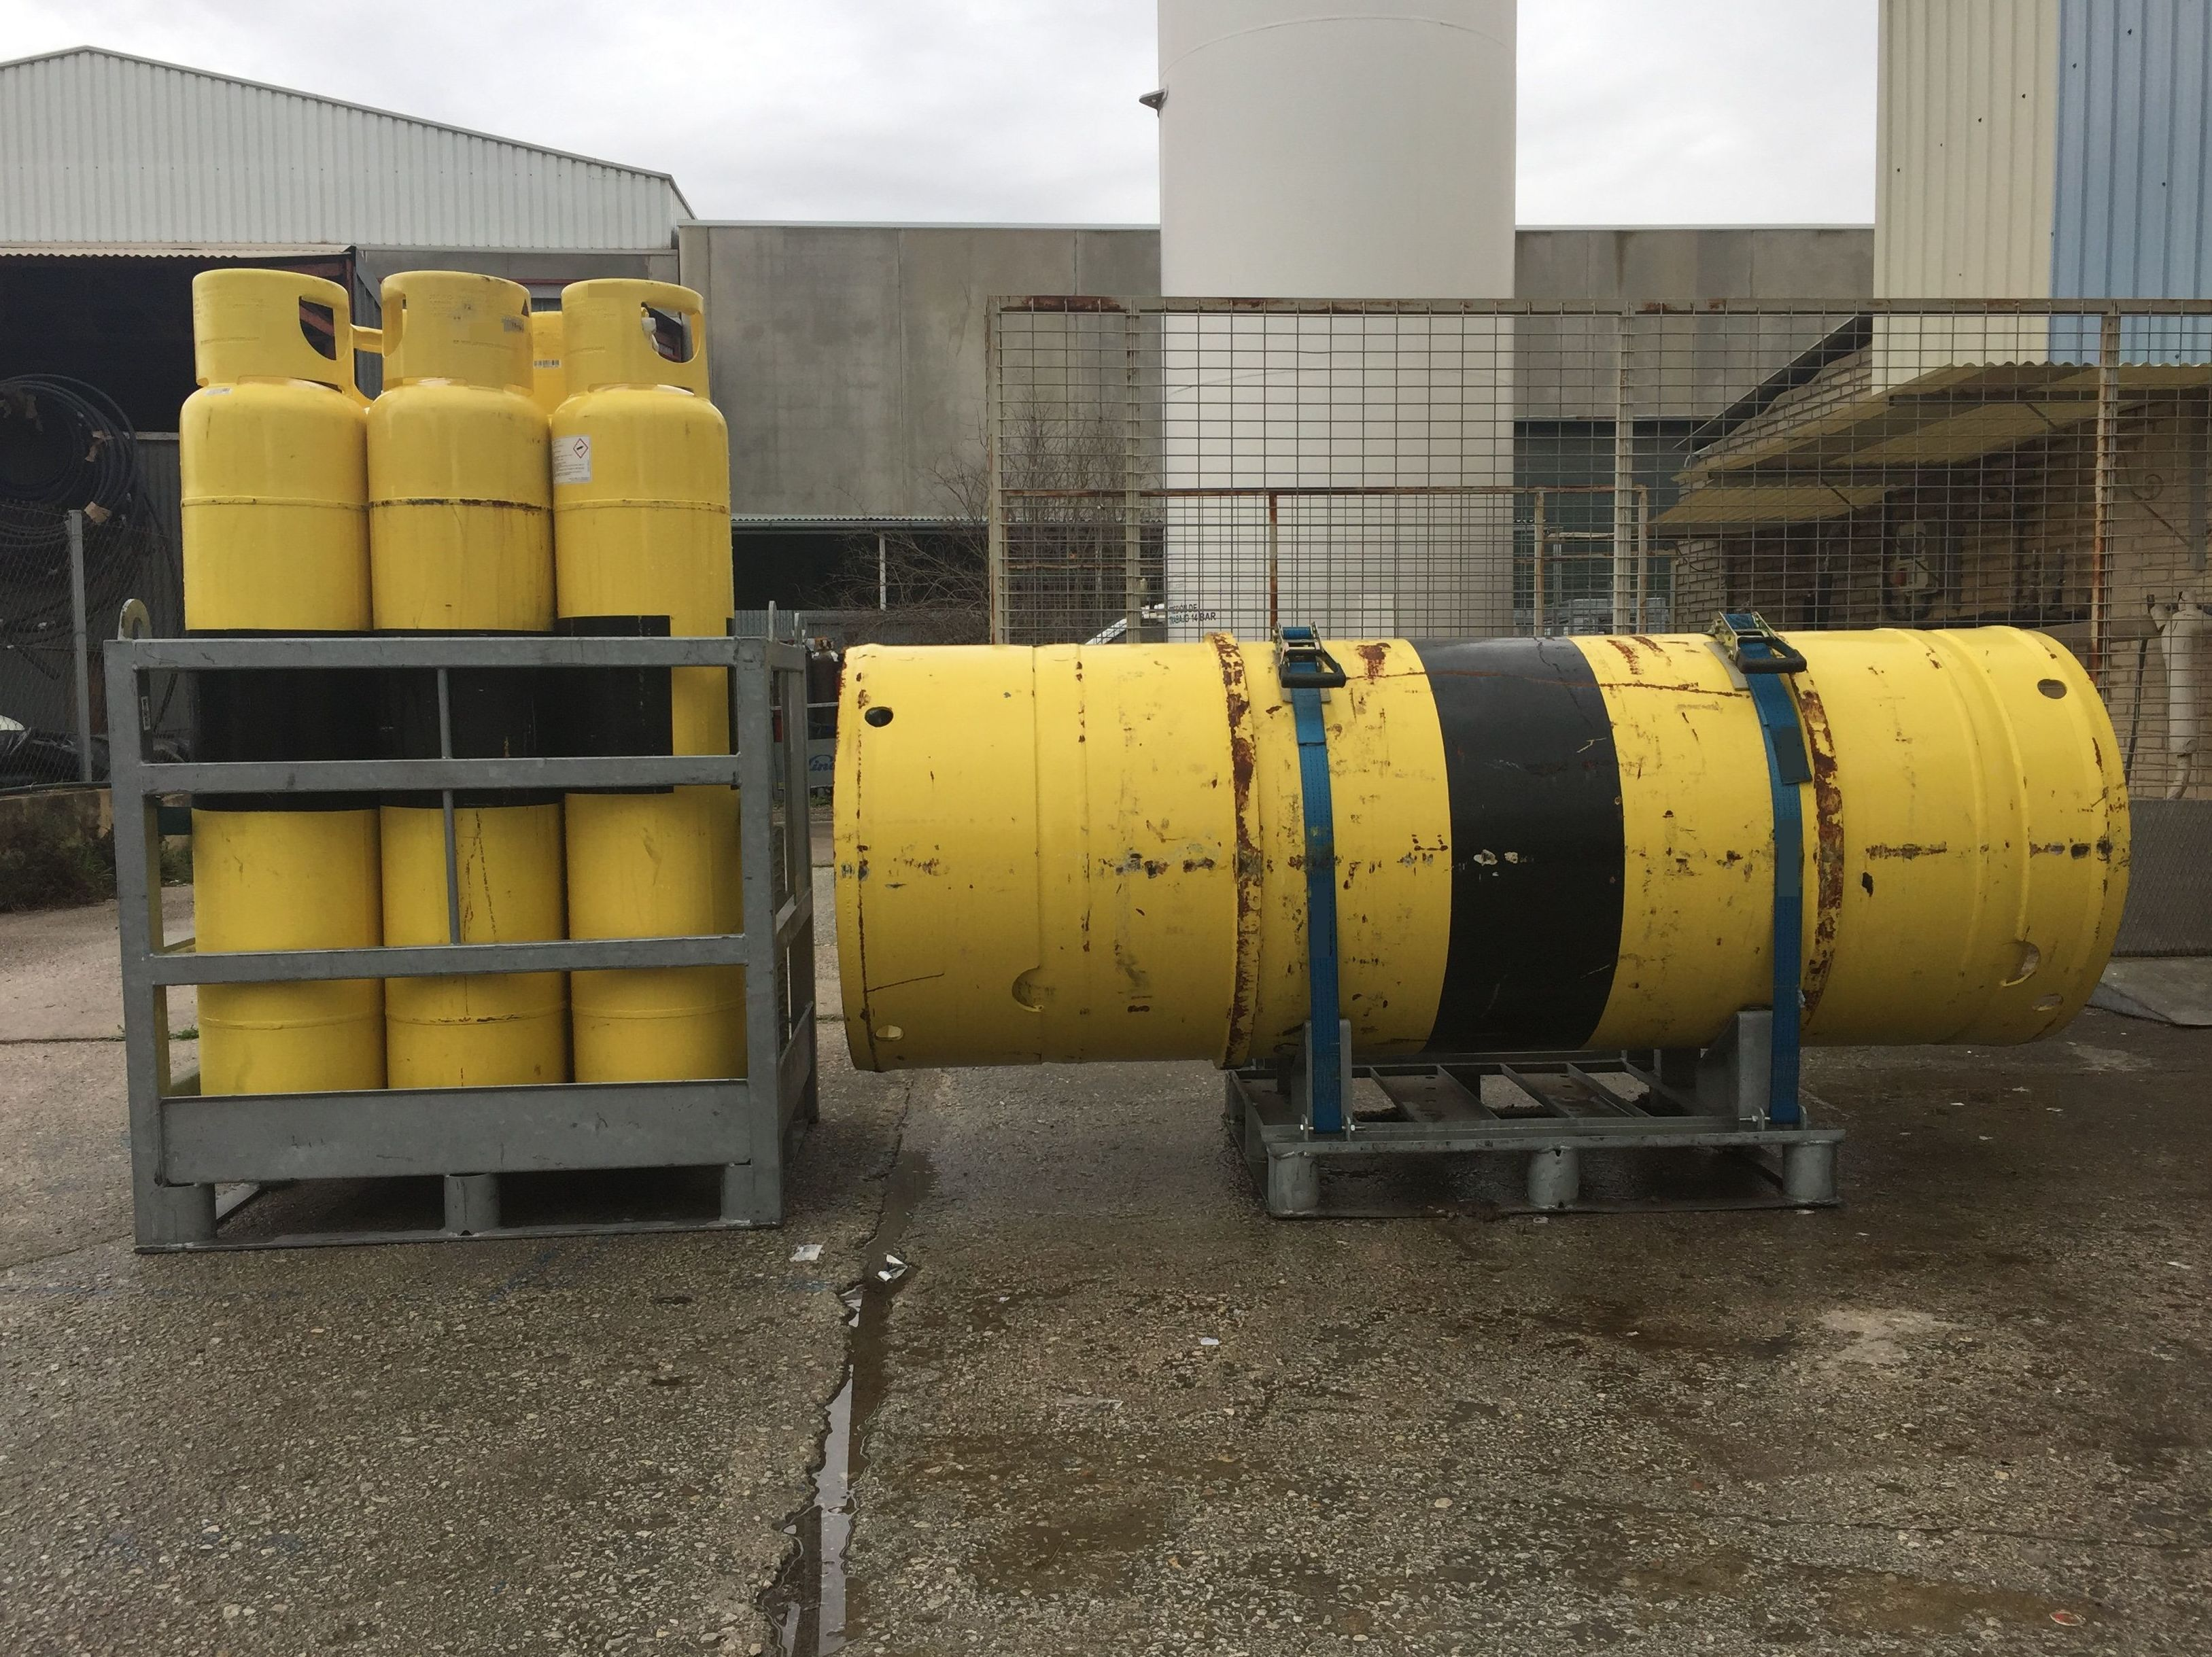 Foto 18 de Venta y distribución de gases industriales y alimentarios en San Ginés | Disgasin, S.L.